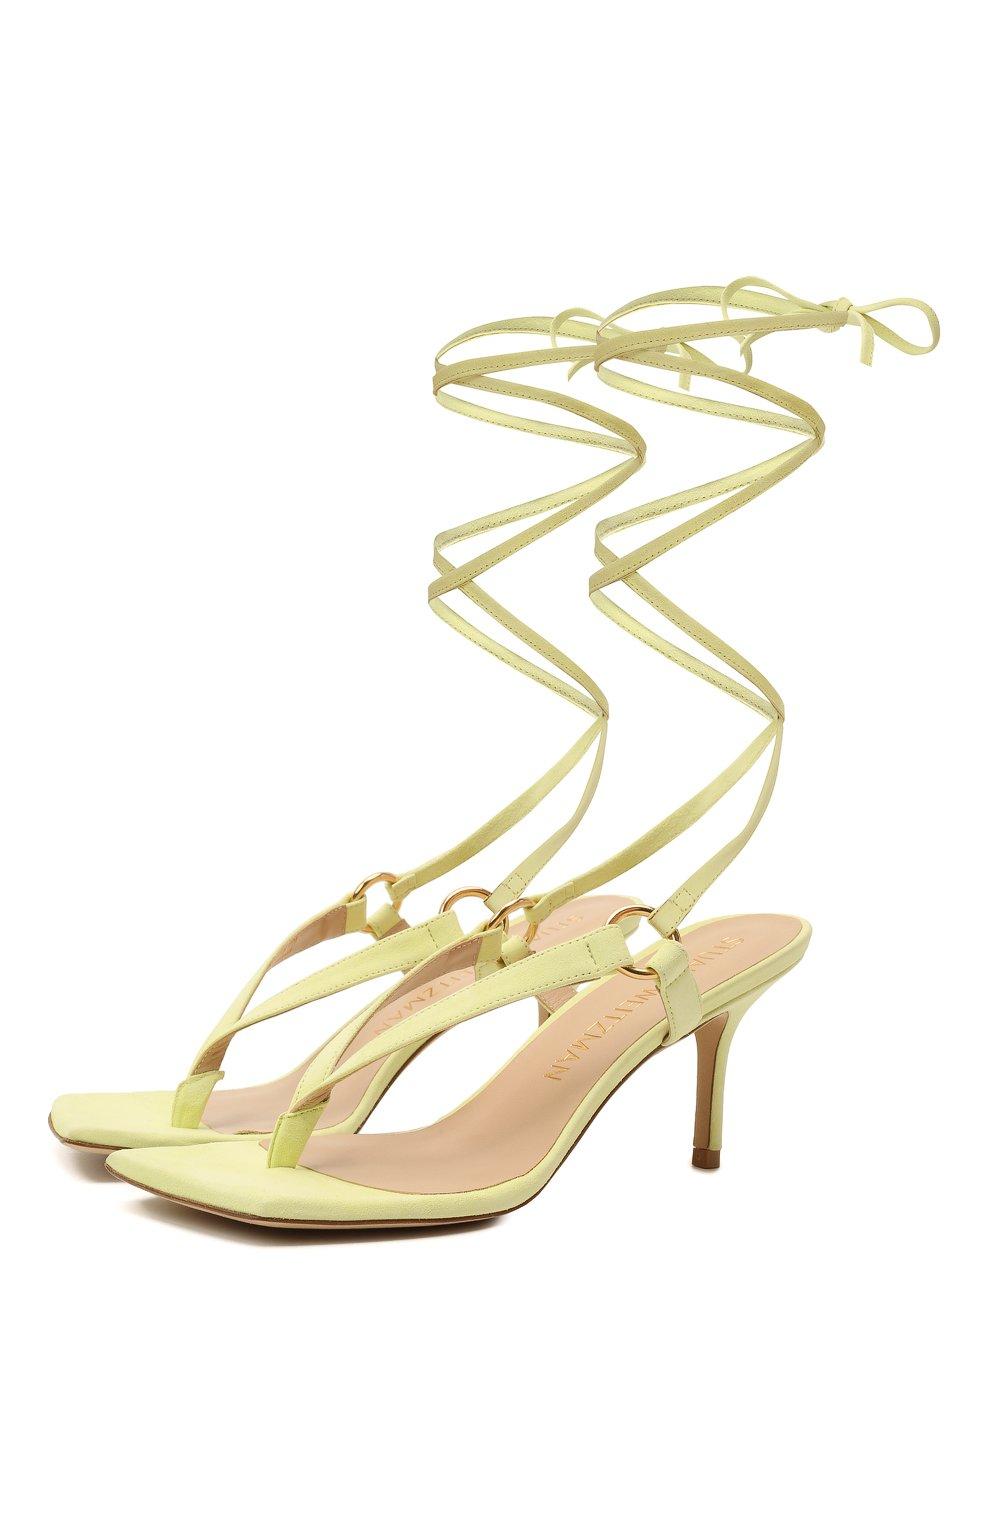 Женские кожаные босоножки lalita 75 STUART WEITZMAN желтого цвета, арт. S0870   Фото 1 (Материал внутренний: Натуральная кожа; Каблук высота: Средний; Каблук тип: Шпилька; Подошва: Плоская)